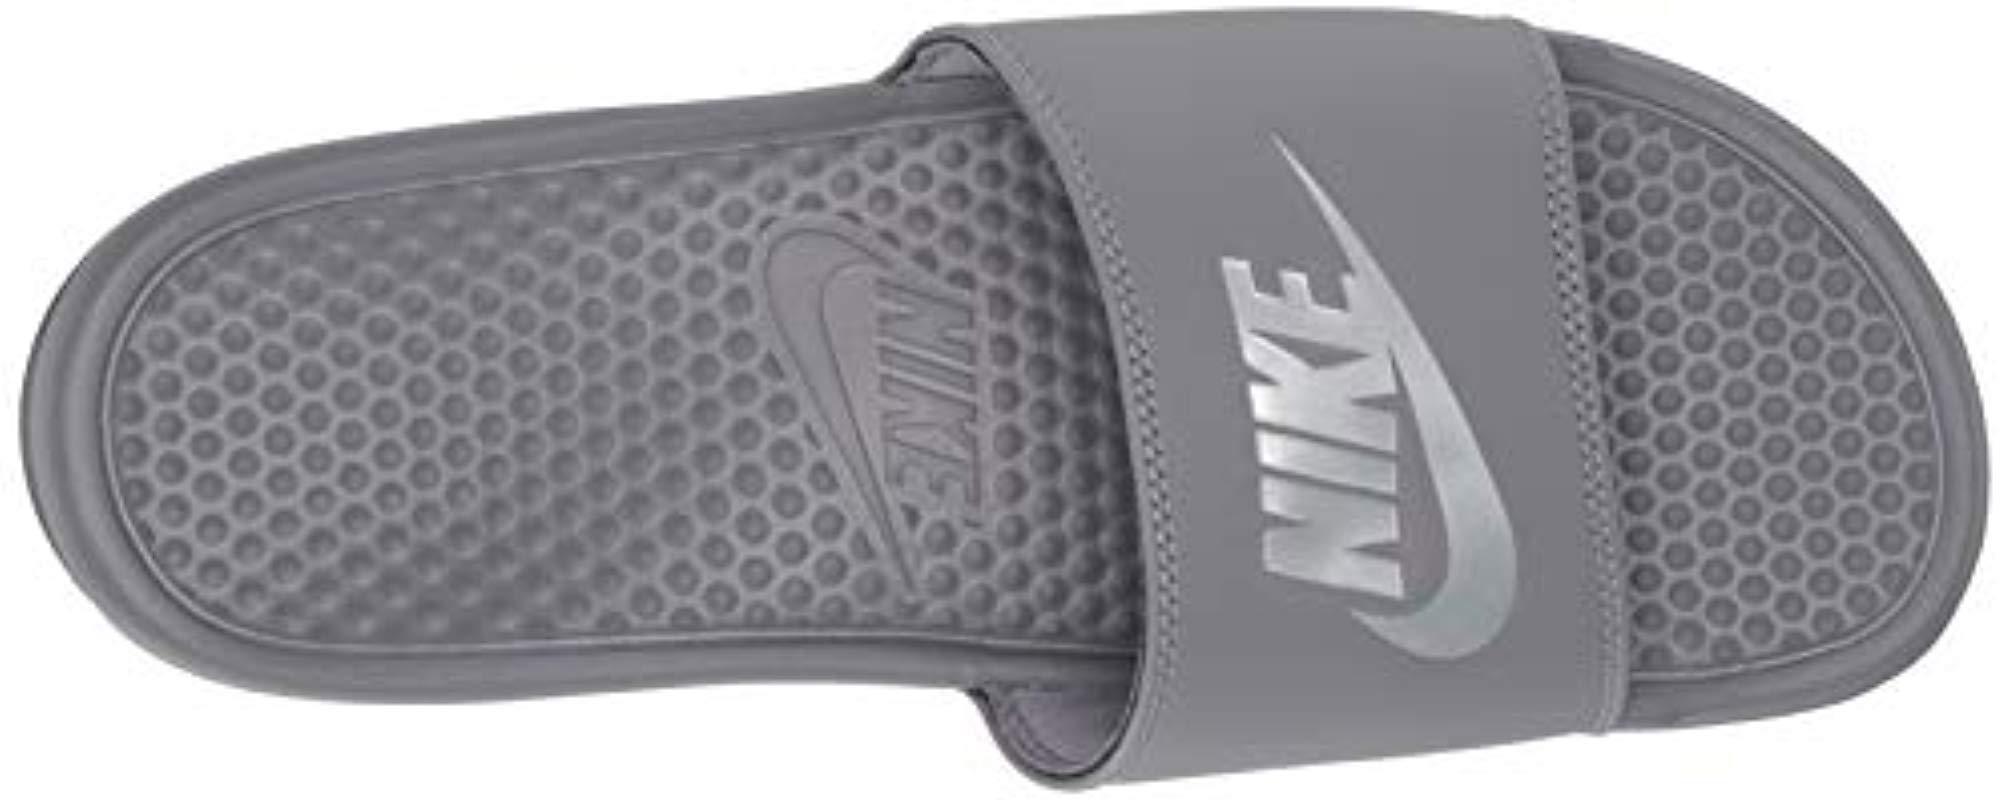 Benassi JDI Chaussures de Plage & Piscine Homme Nike pour homme en ...